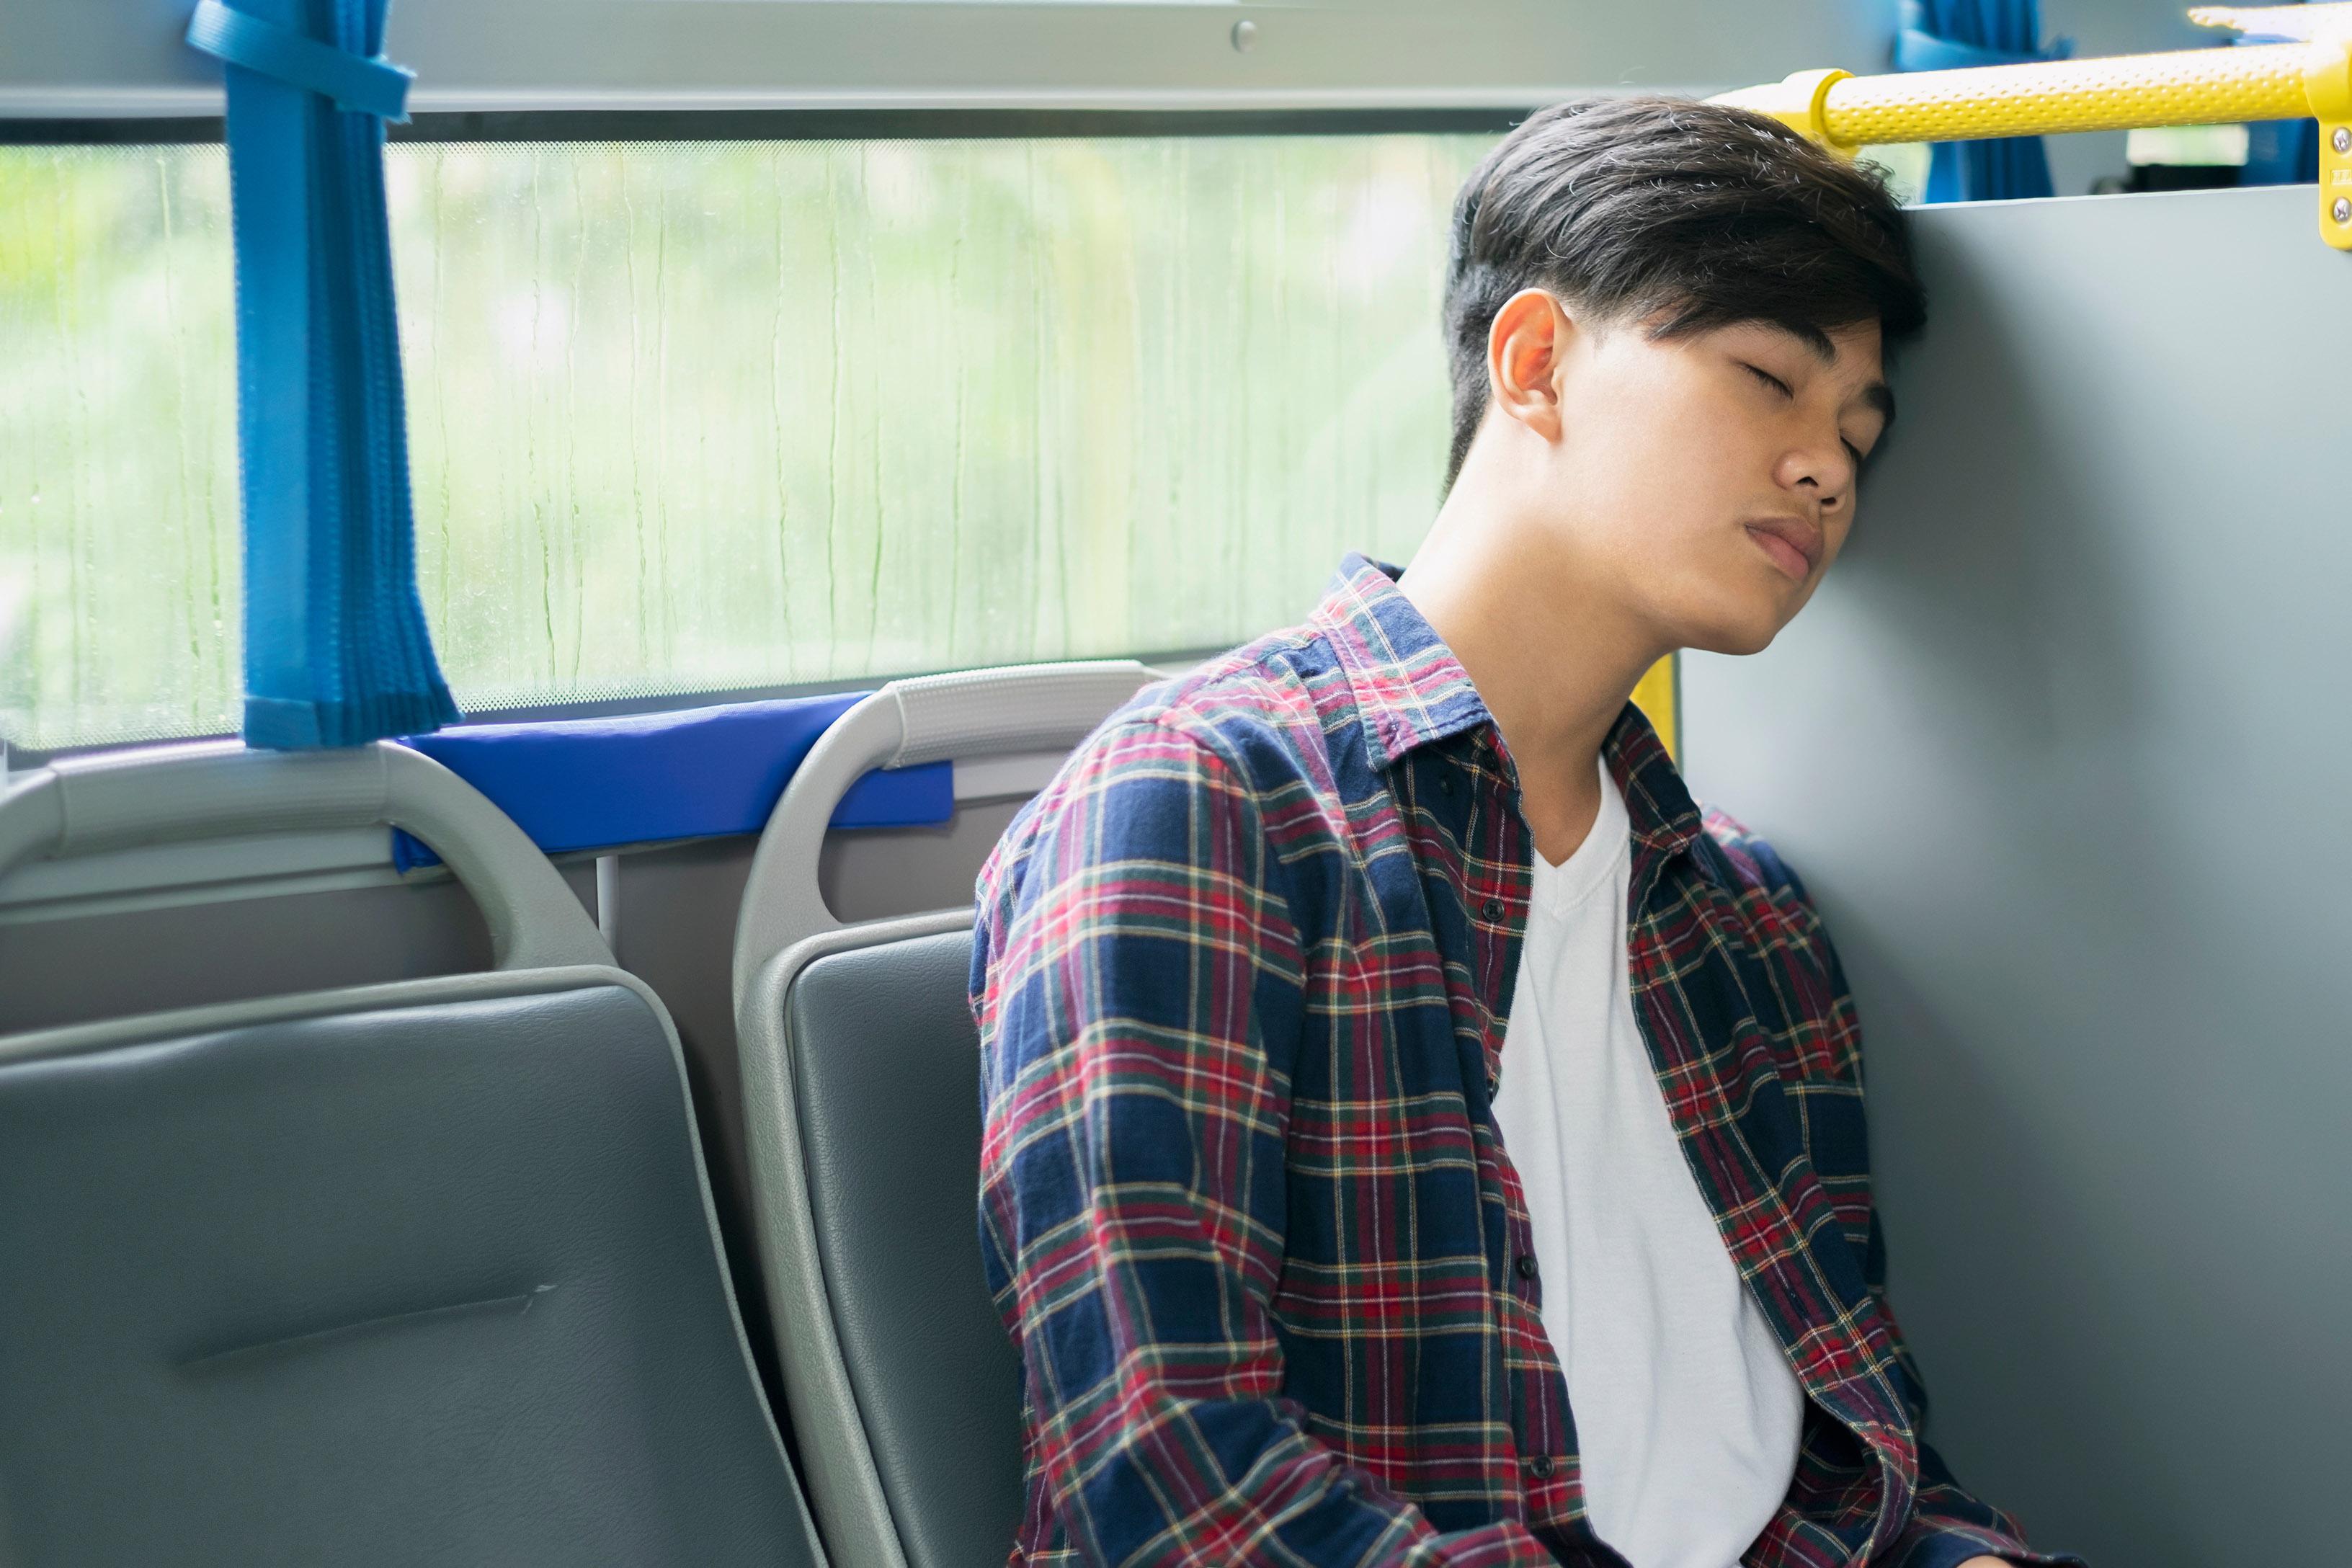 男人在巴士上睡覺